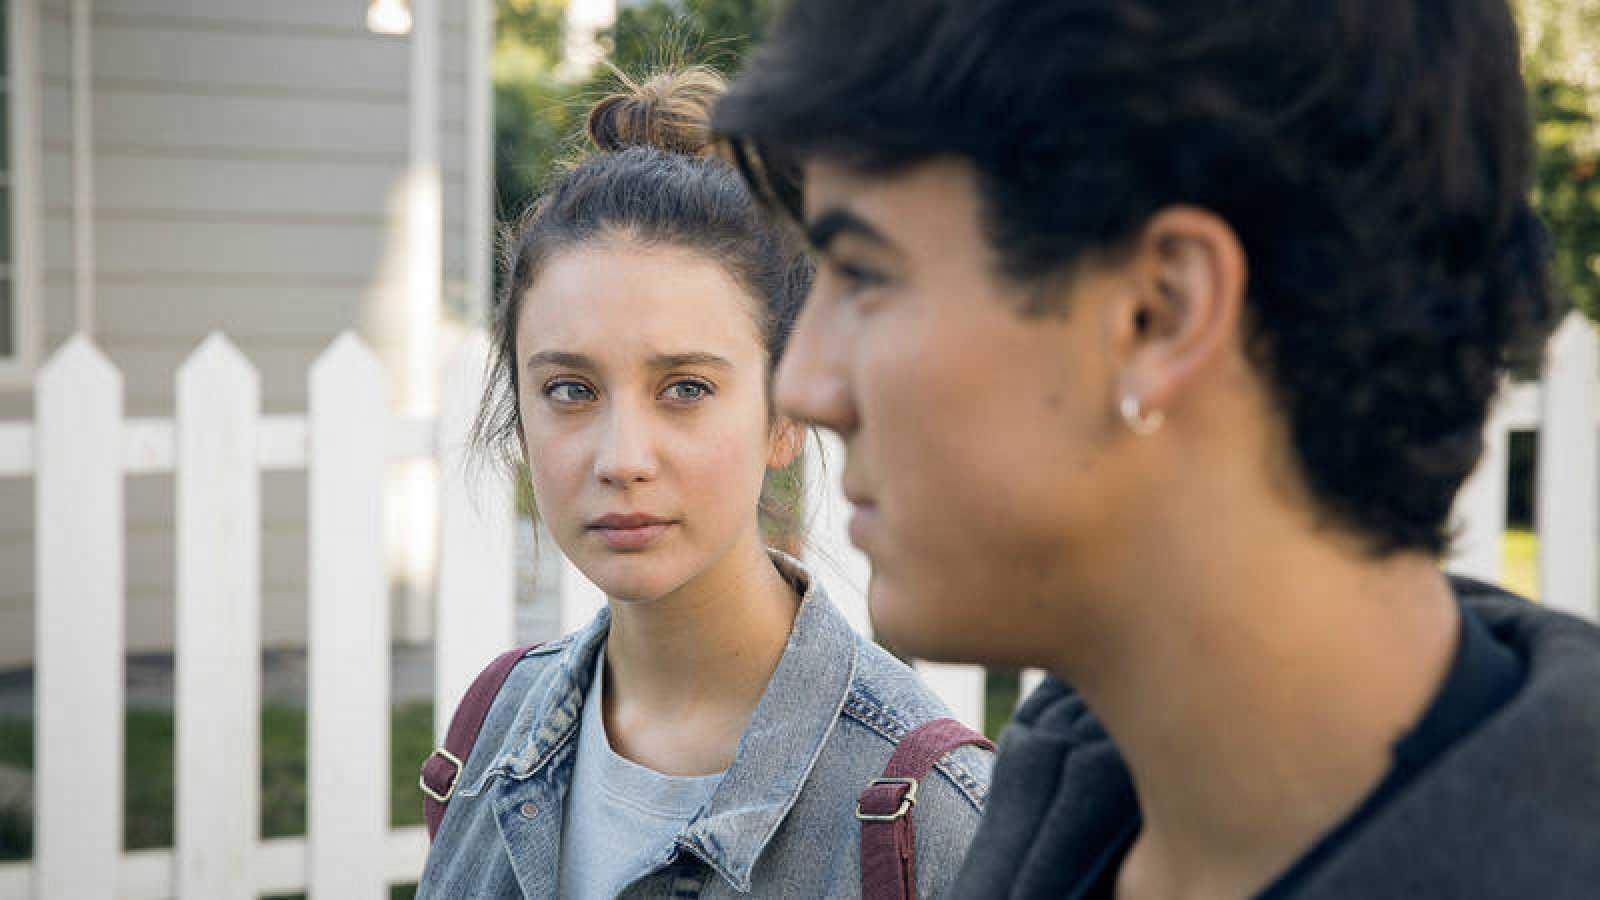 Alba sospecha que Rafa puede saber algo más sobre la desaparición de Cris